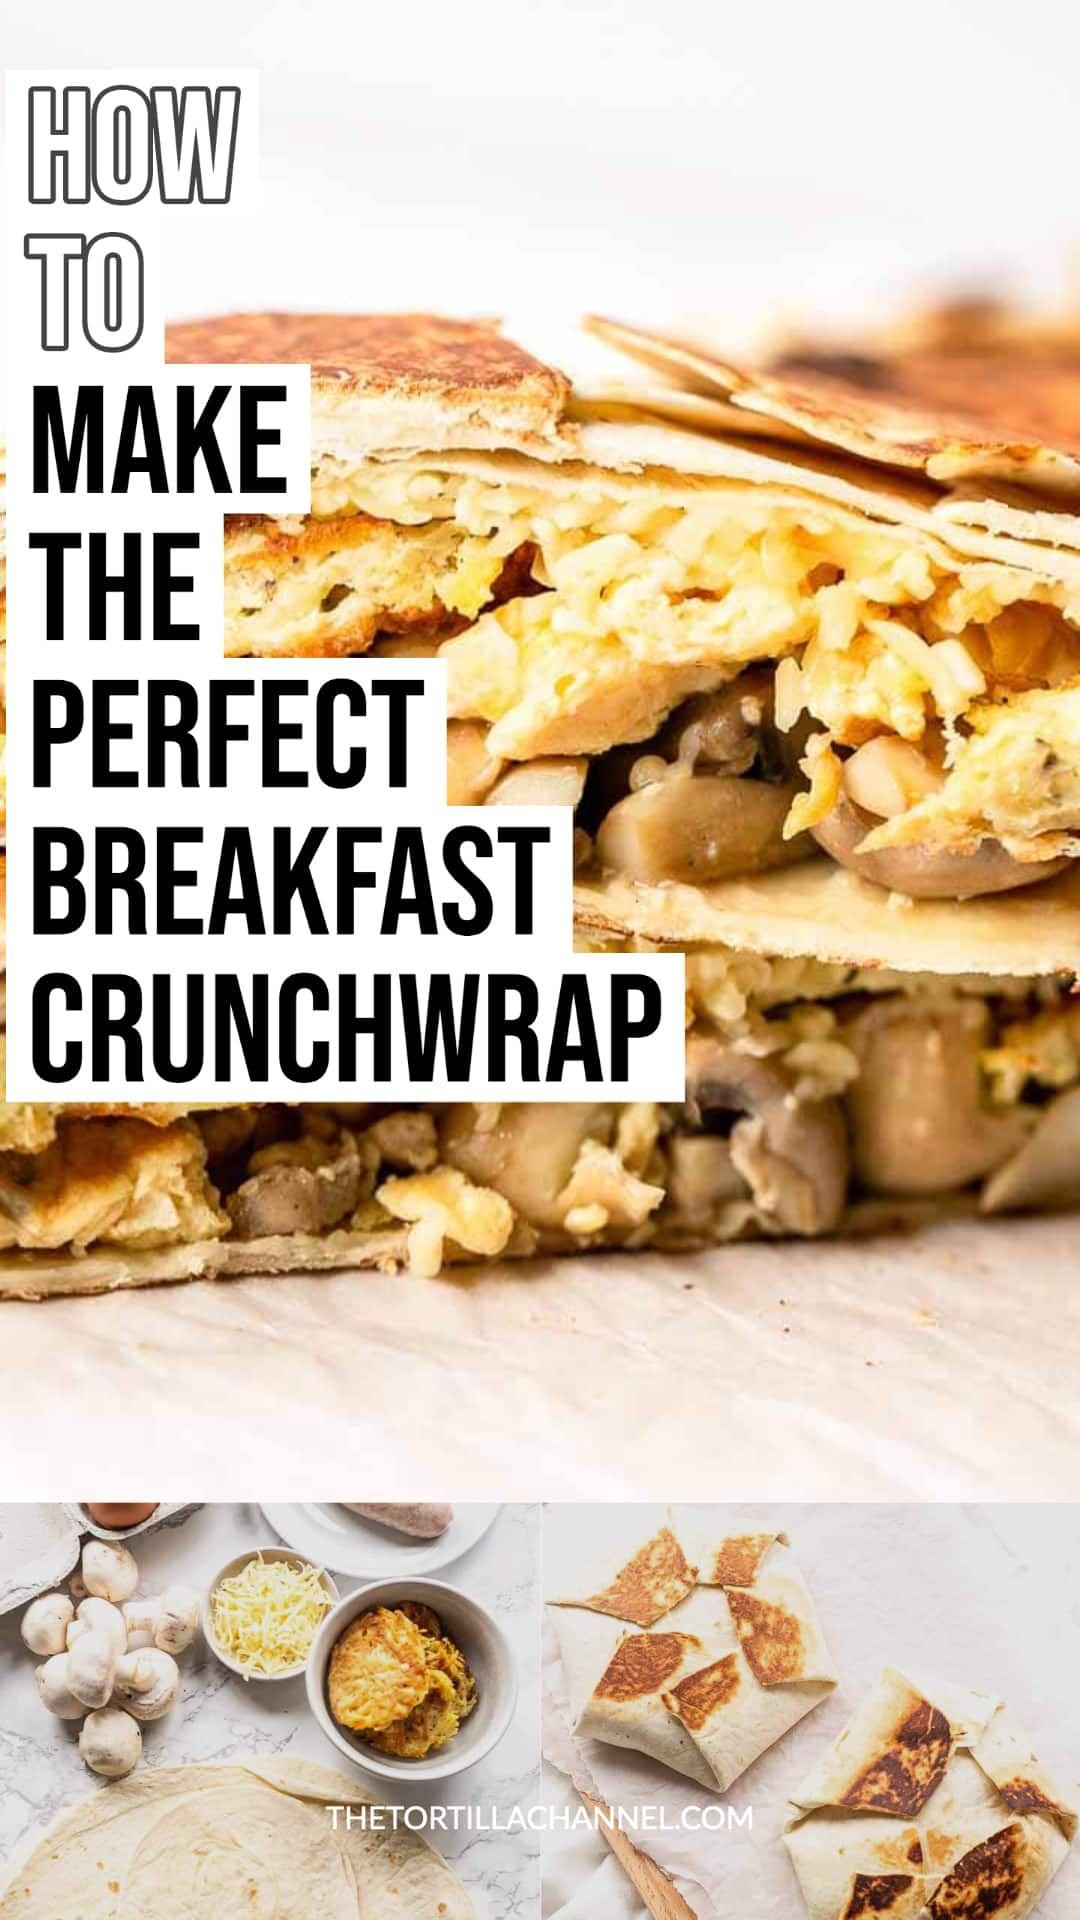 Breakfast crunchwrap recipe in 2020 breakfast